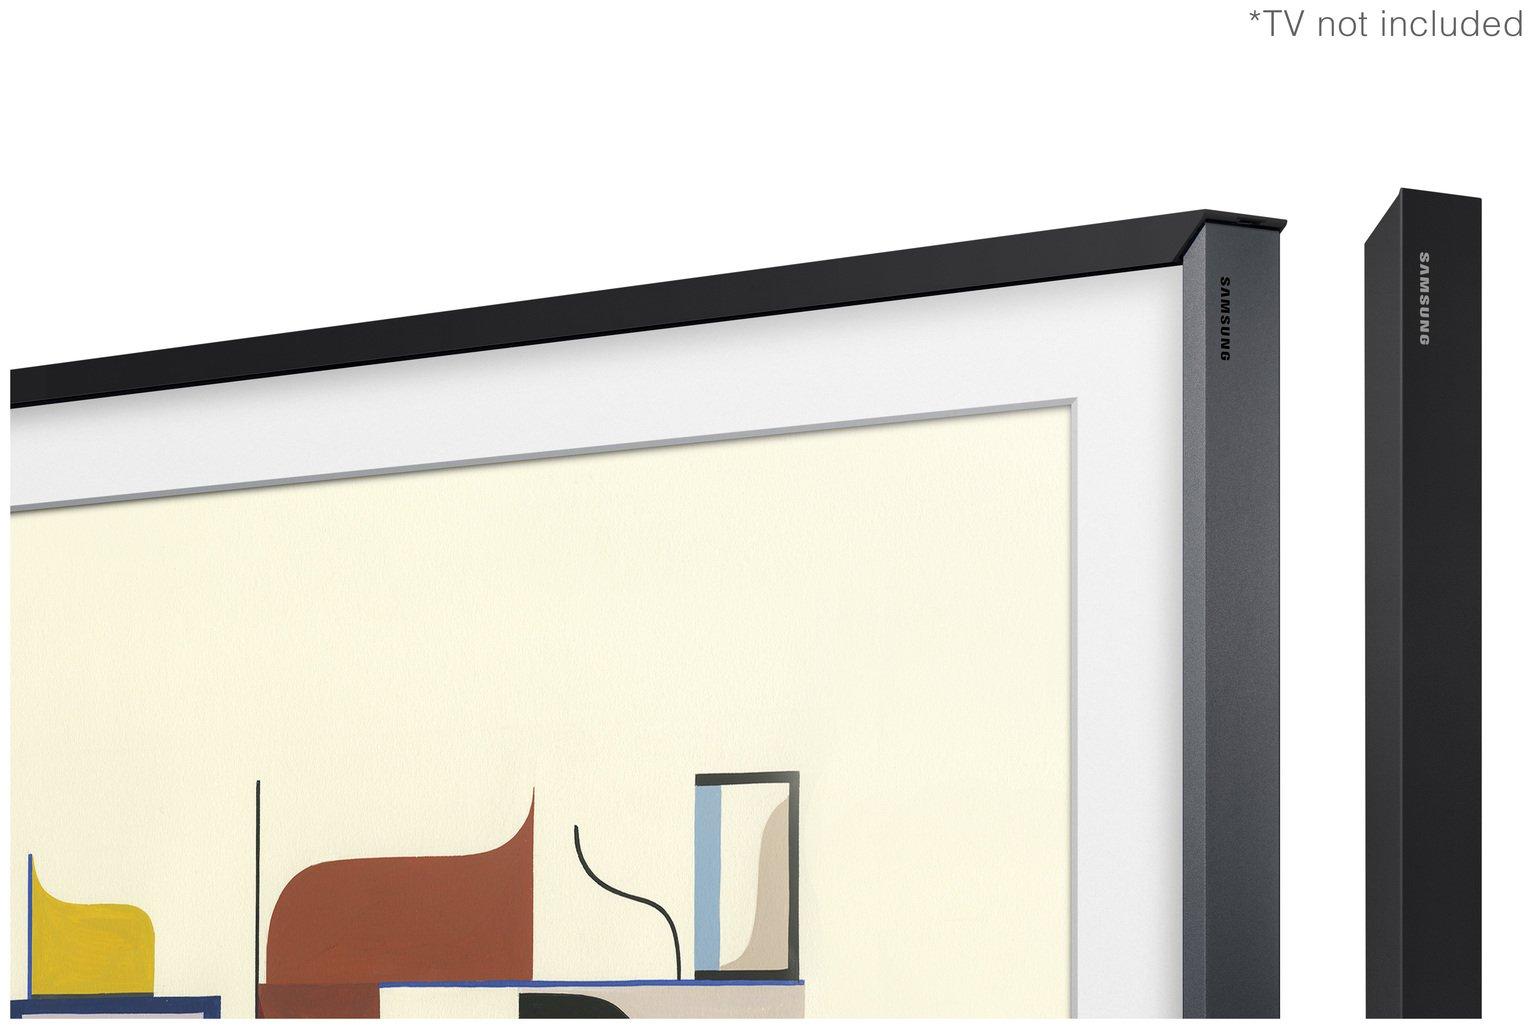 Samsung Customisable Bezel for The Frame 55 Inch TV - Black